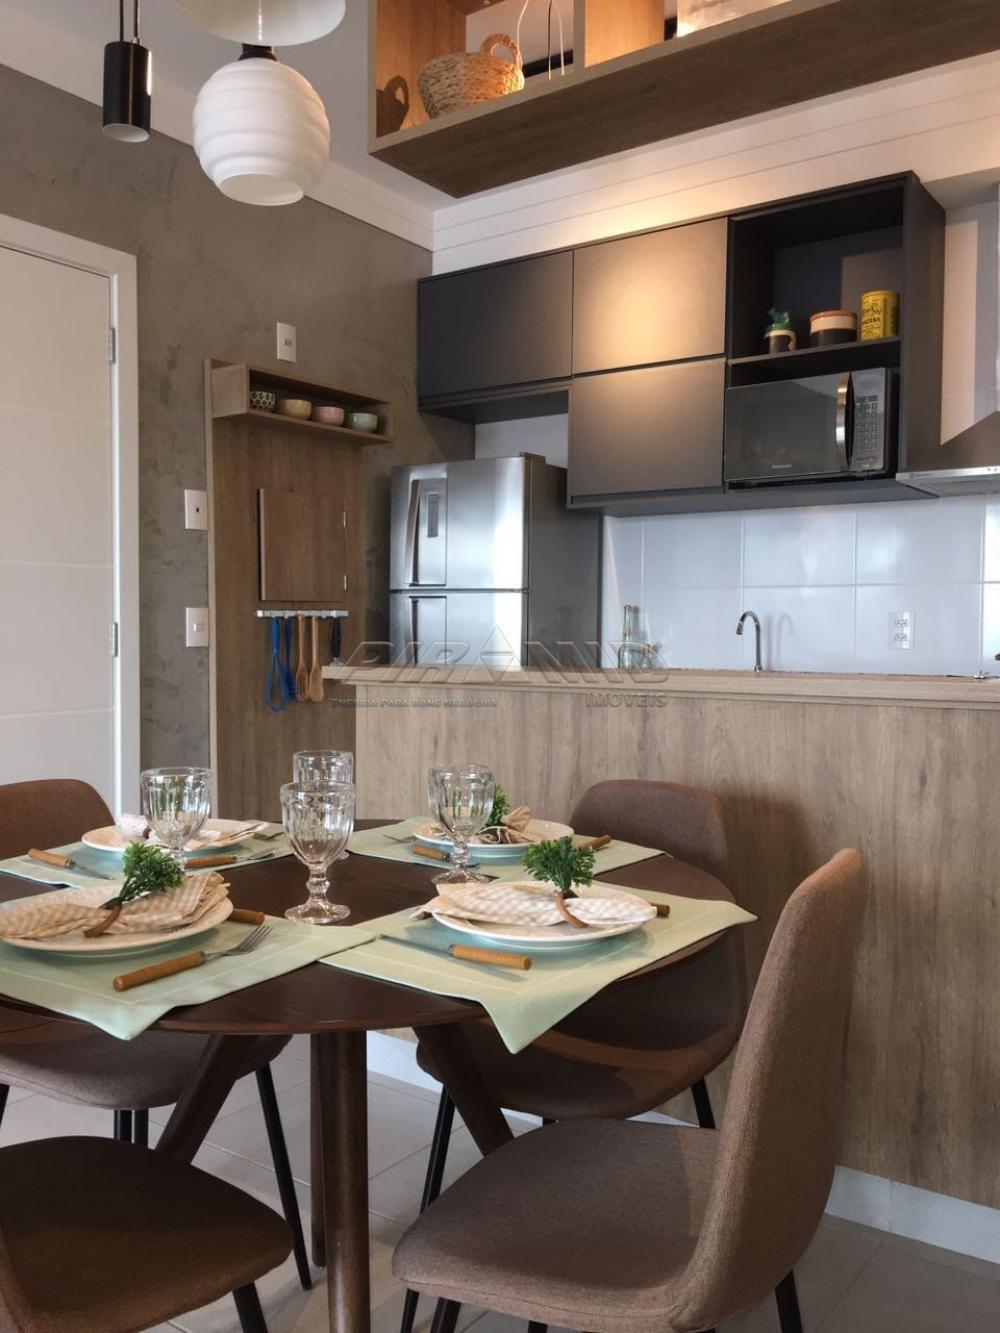 Comprar Apartamento / Padrão em Ribeirão Preto apenas R$ 203.320,00 - Foto 15